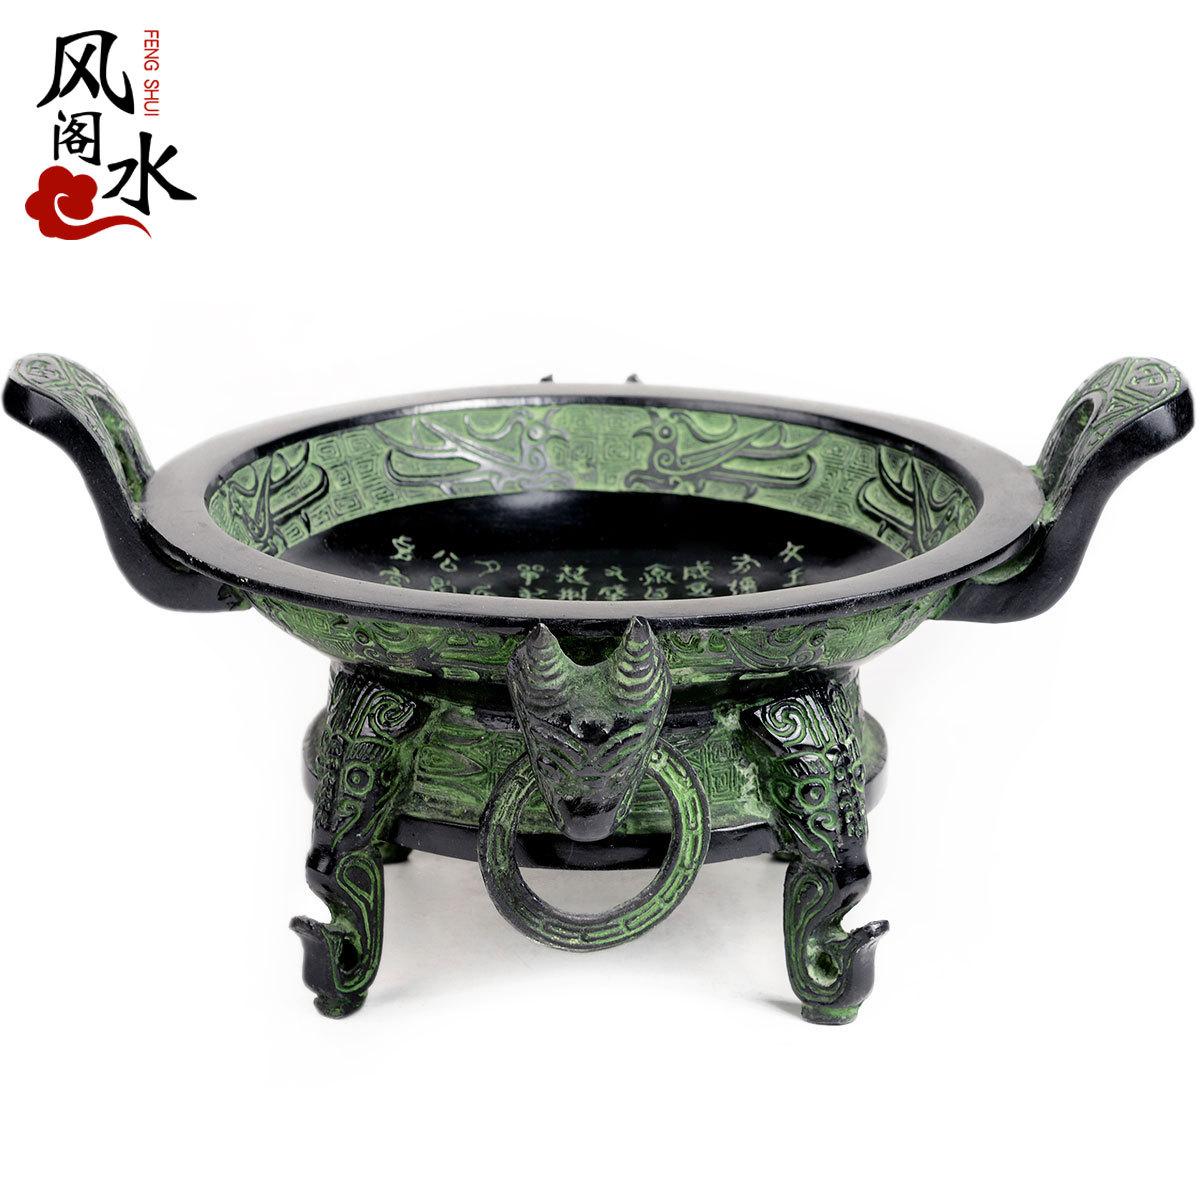 风水阁青铜器仿古宝盆摆件15081